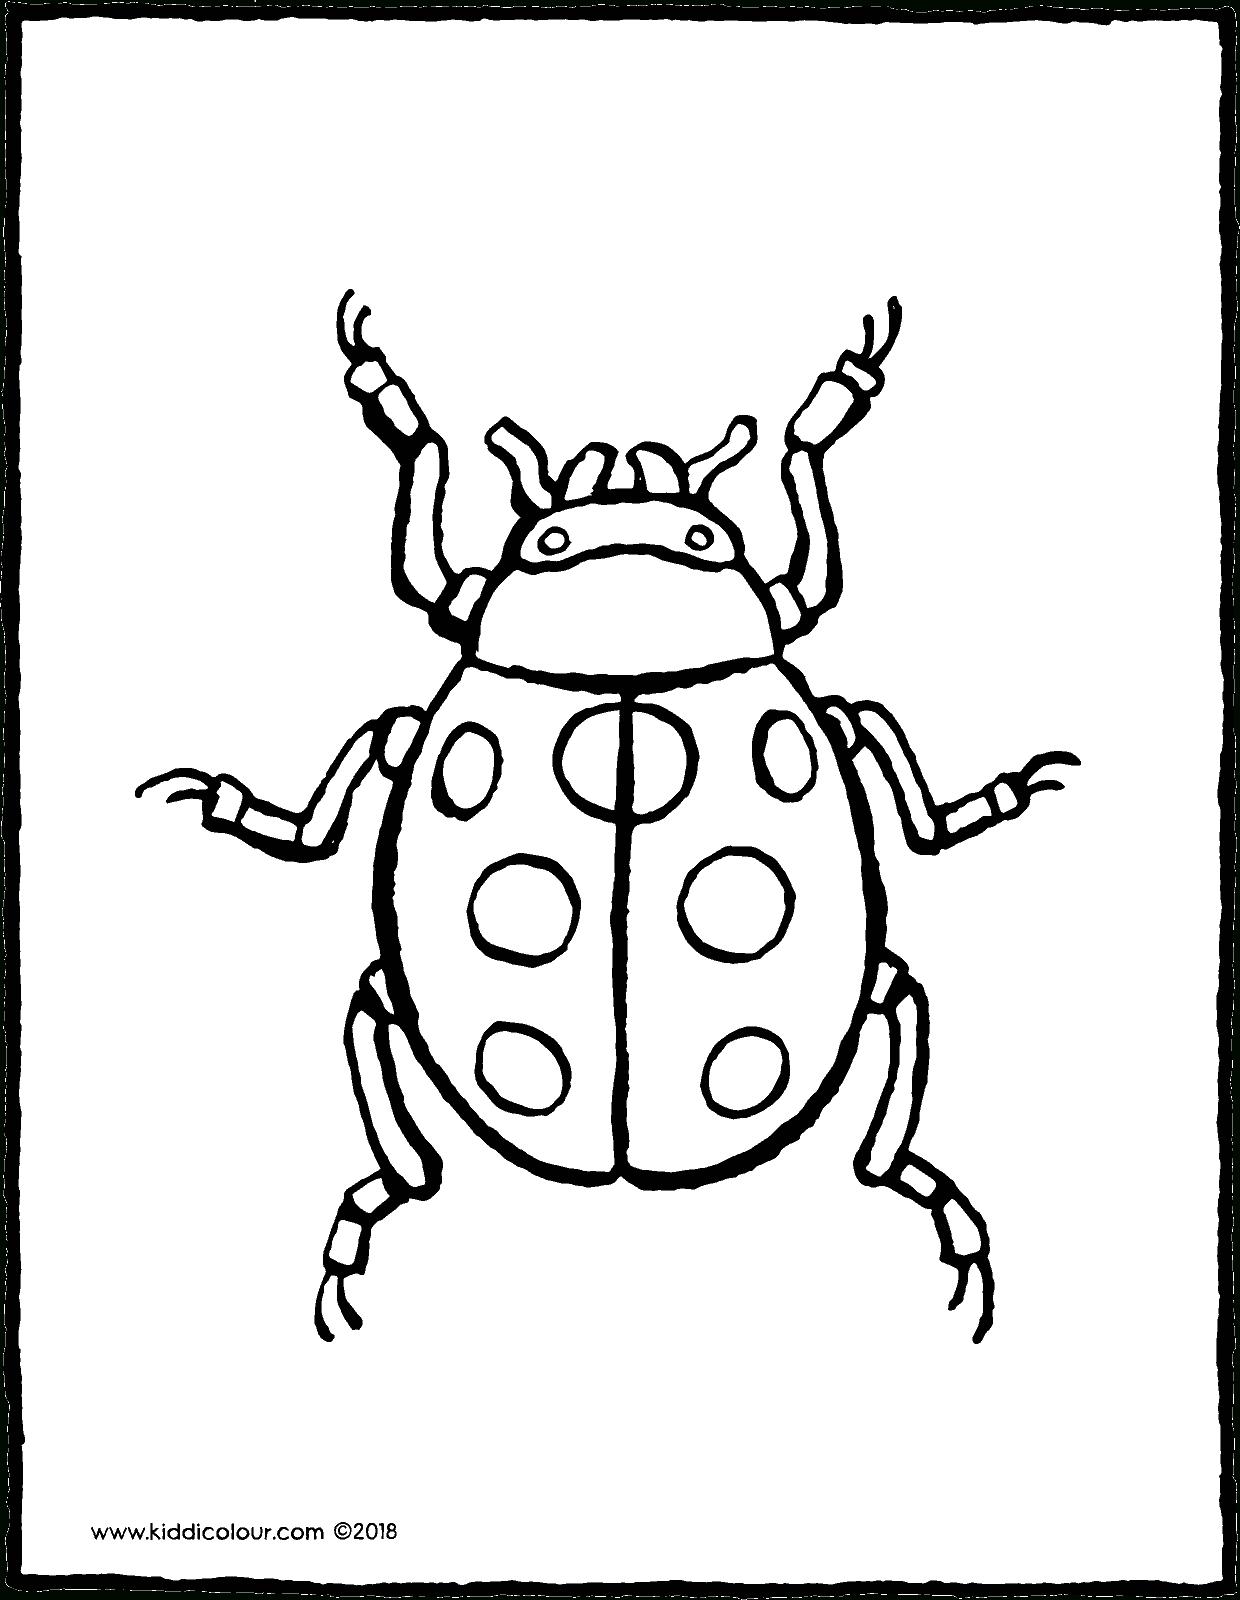 Marienkäfer - Kiddimalseite verwandt mit Malvorlage Marienkäfer